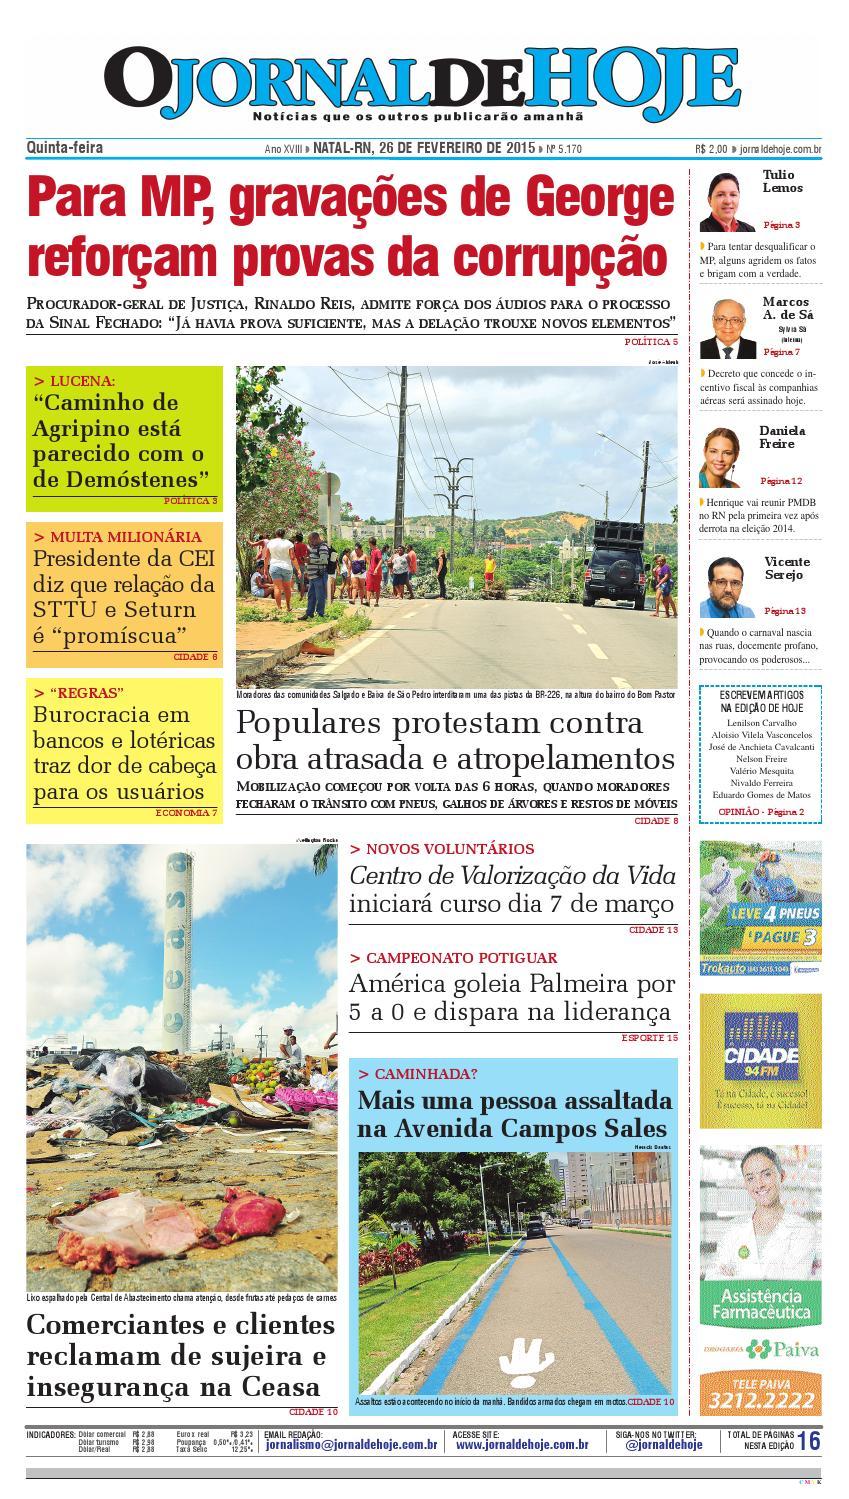 26022015 by Marcelo Sá - issuu 44616a92e5557